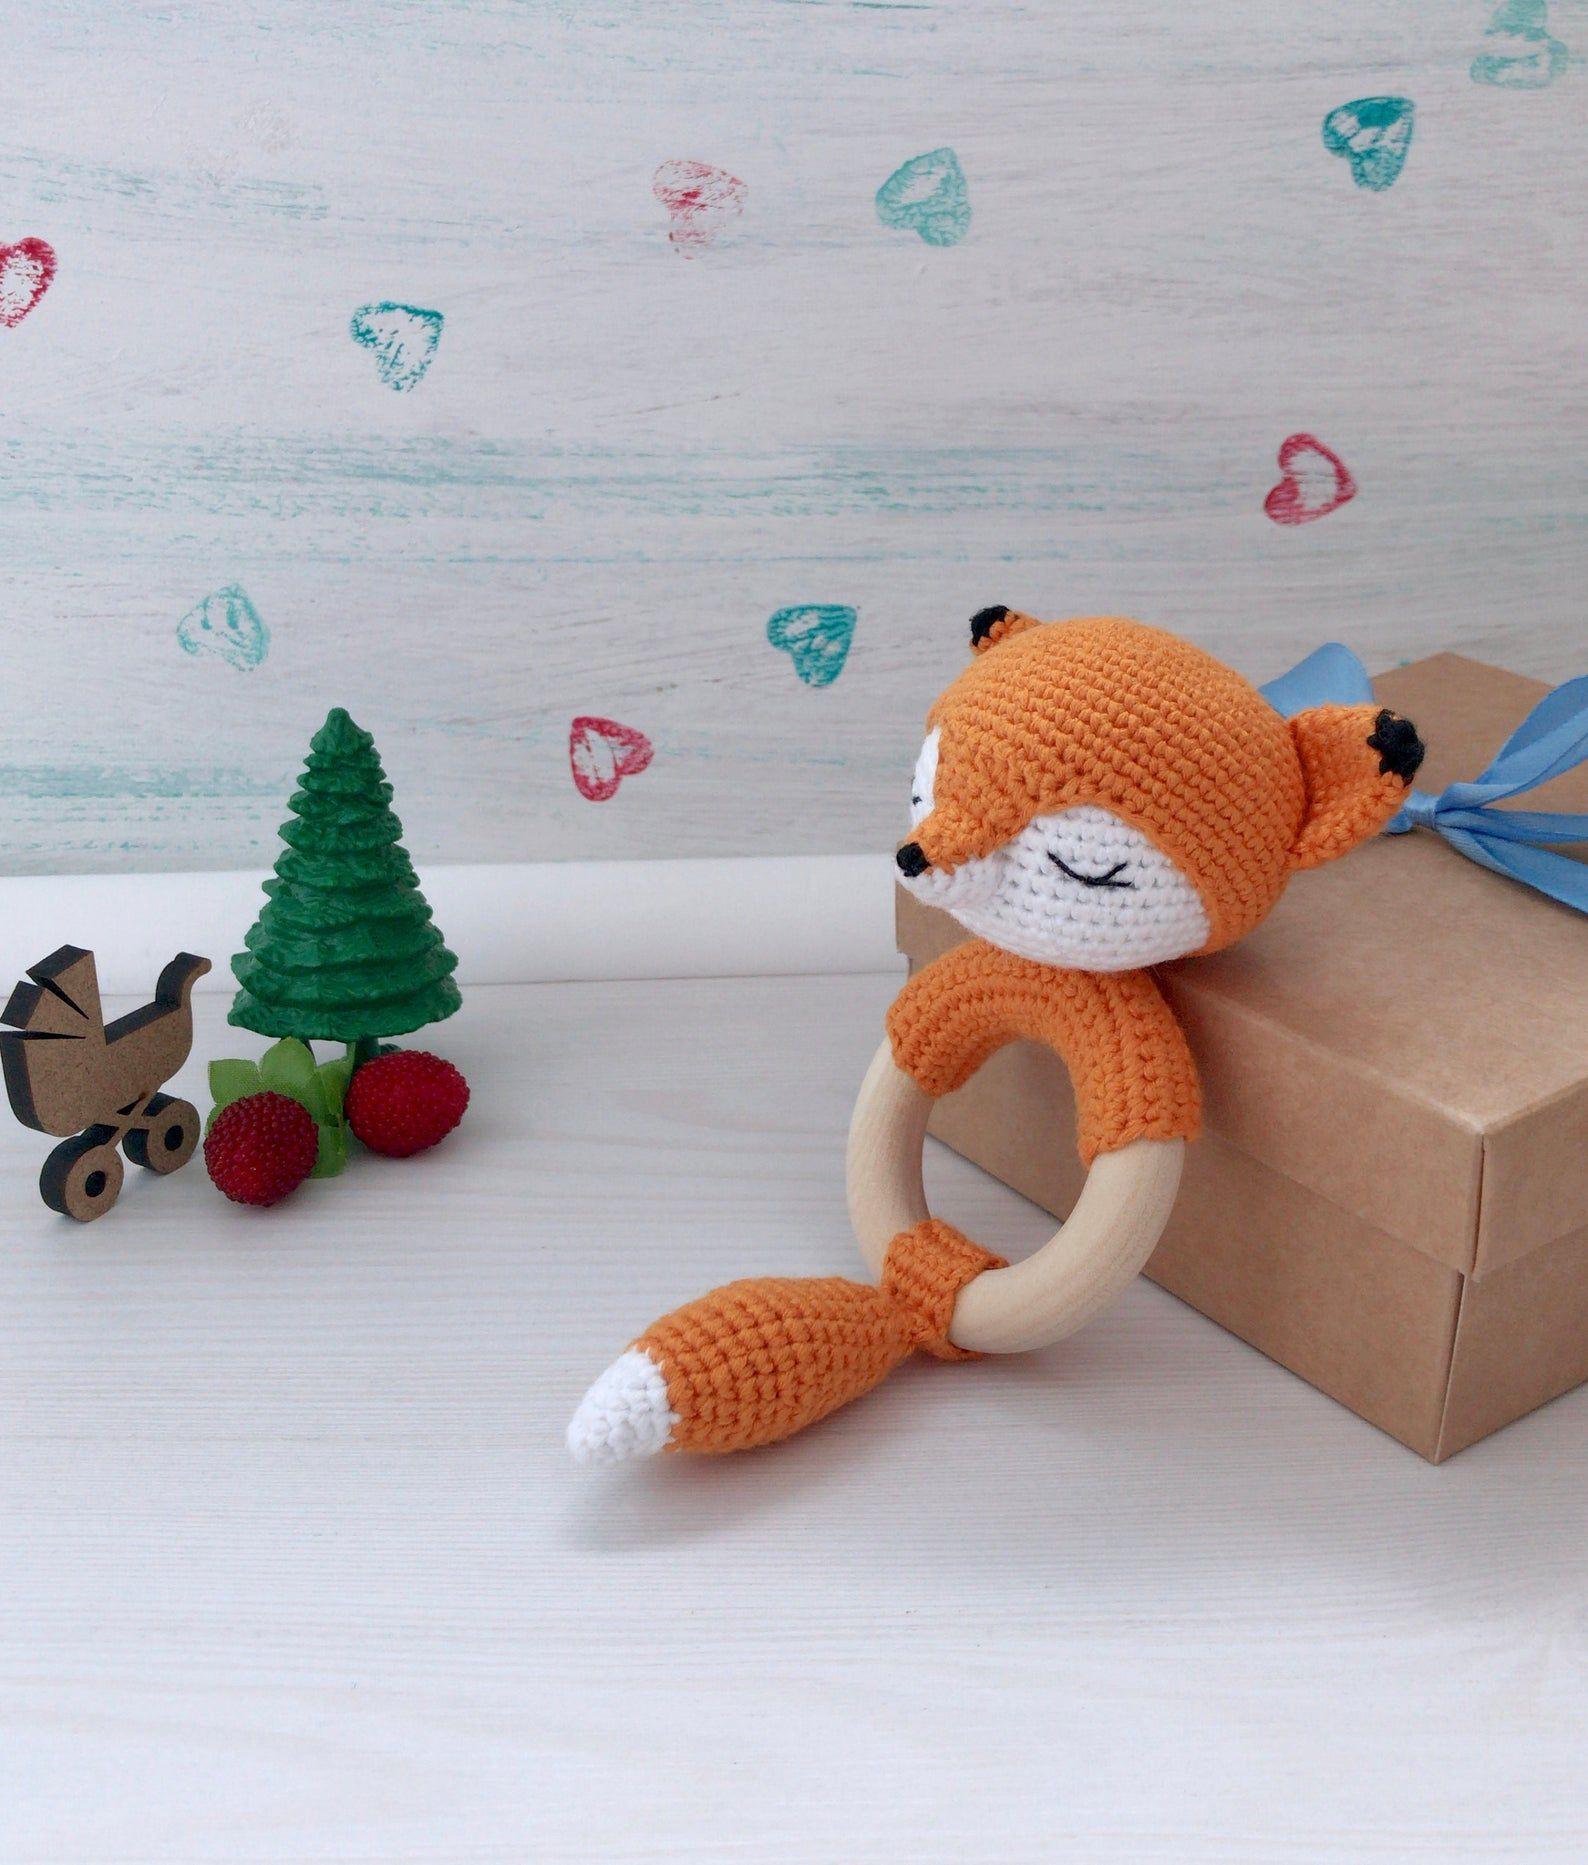 Tiny fox amigurumi pattern | Amigurumi fox pattern, Crochet fox ... | 1865x1588